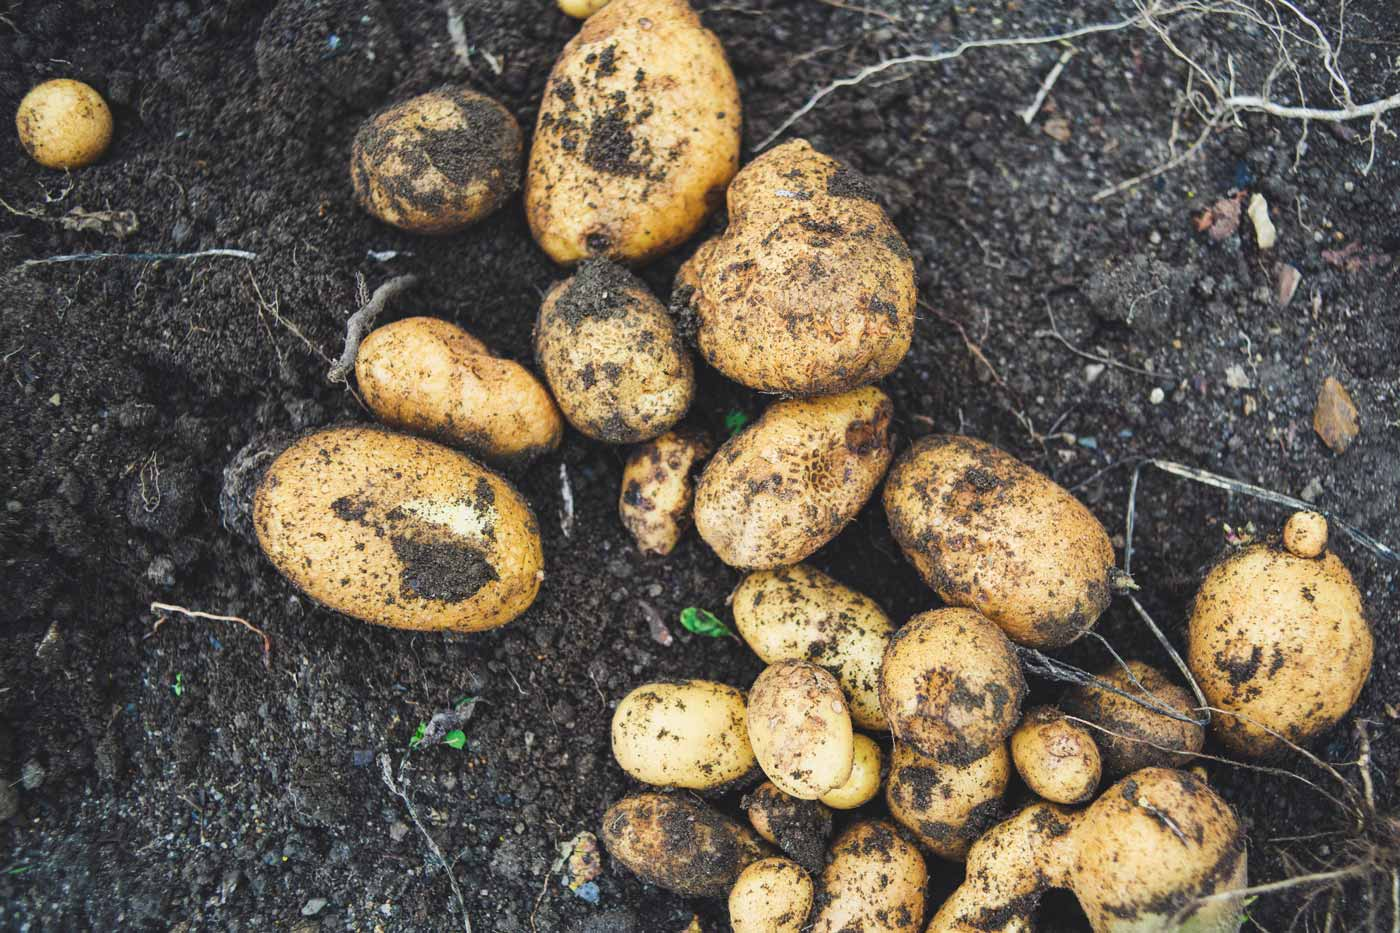 frisch geerntete Kartoffeln auf der Erde liegend